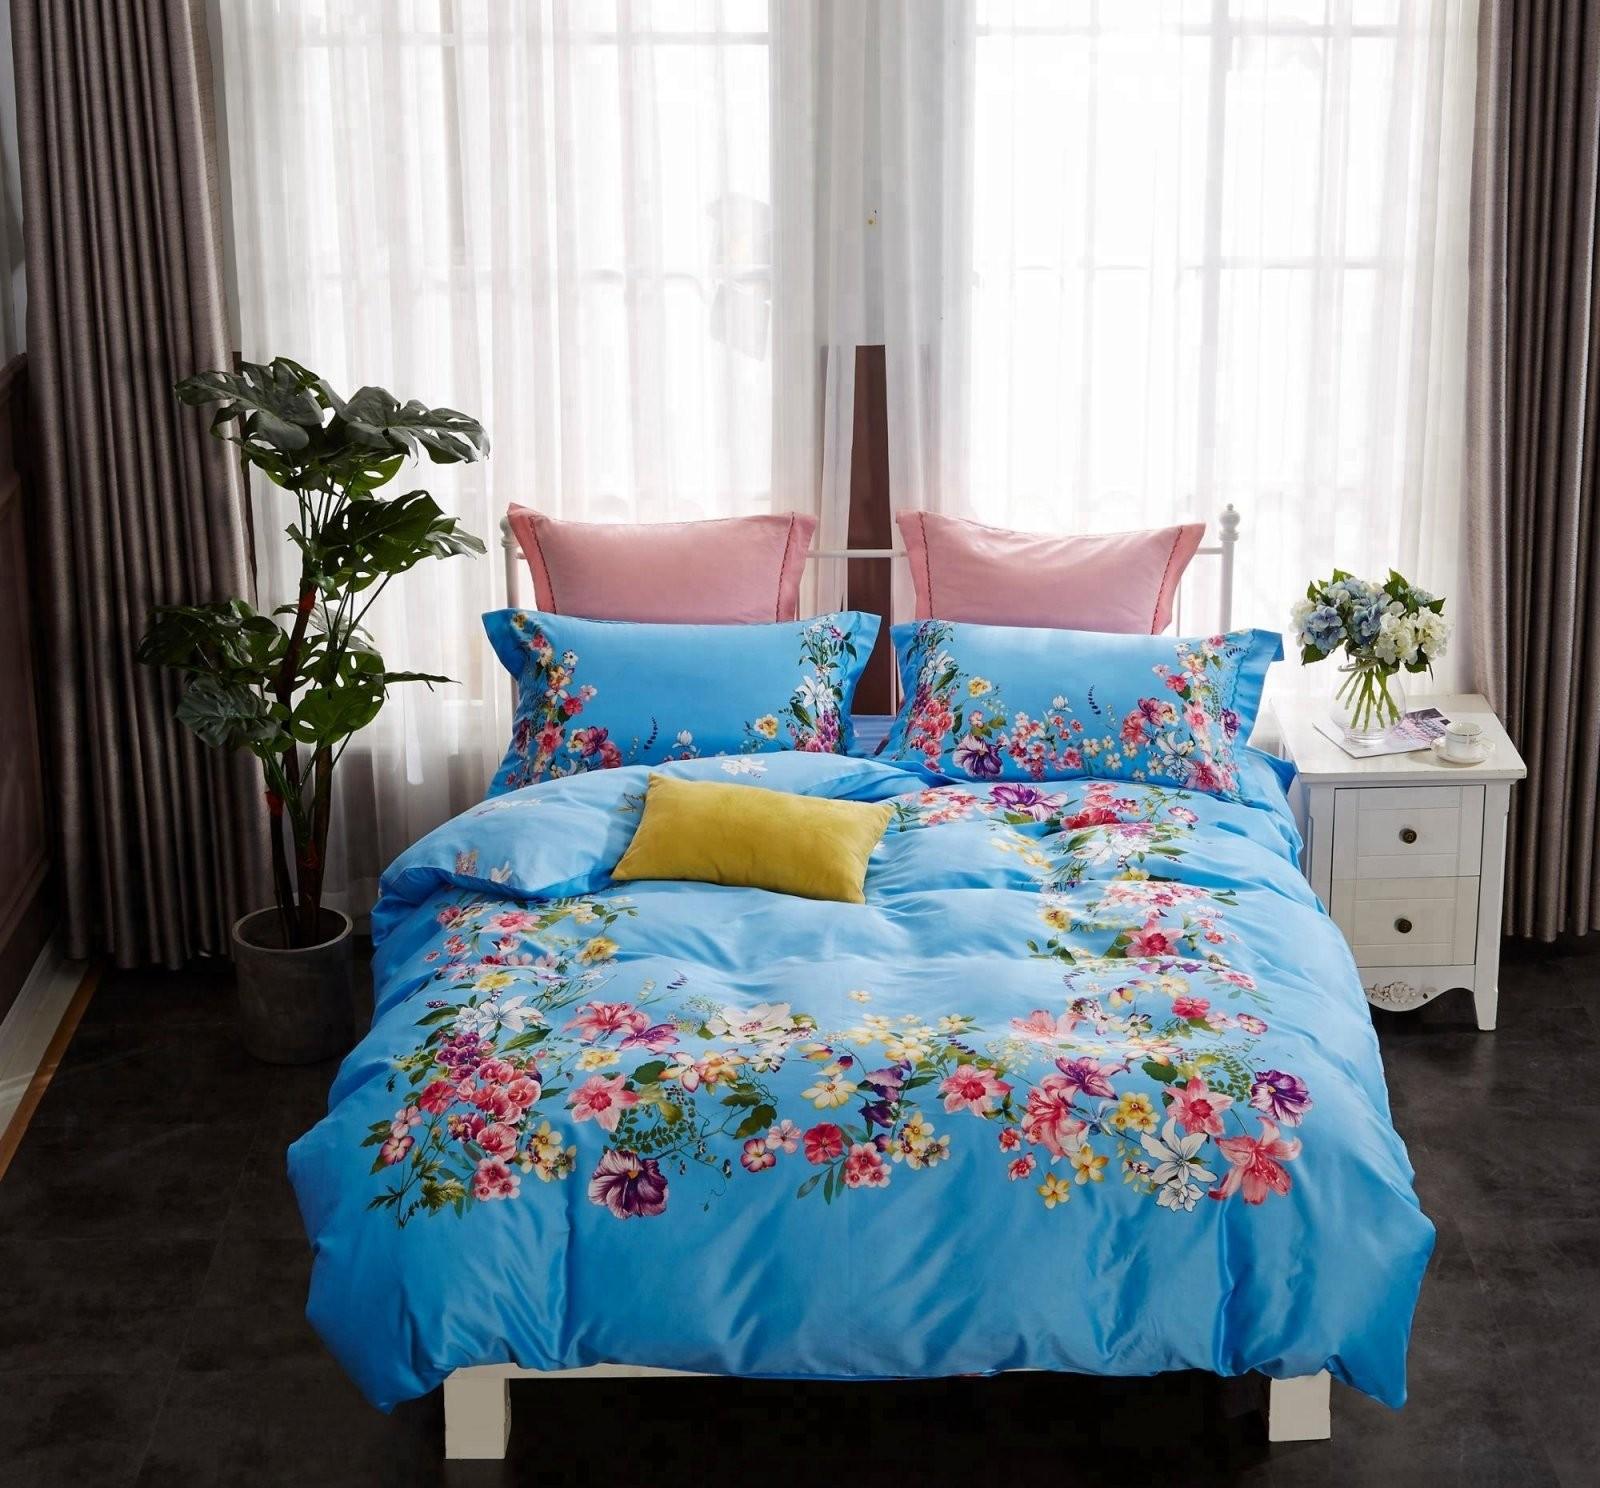 Großhandel Teenager Betten Kaufen Sie Die Besten Teenager Betten von Bettwäsche Für Teenager Bild